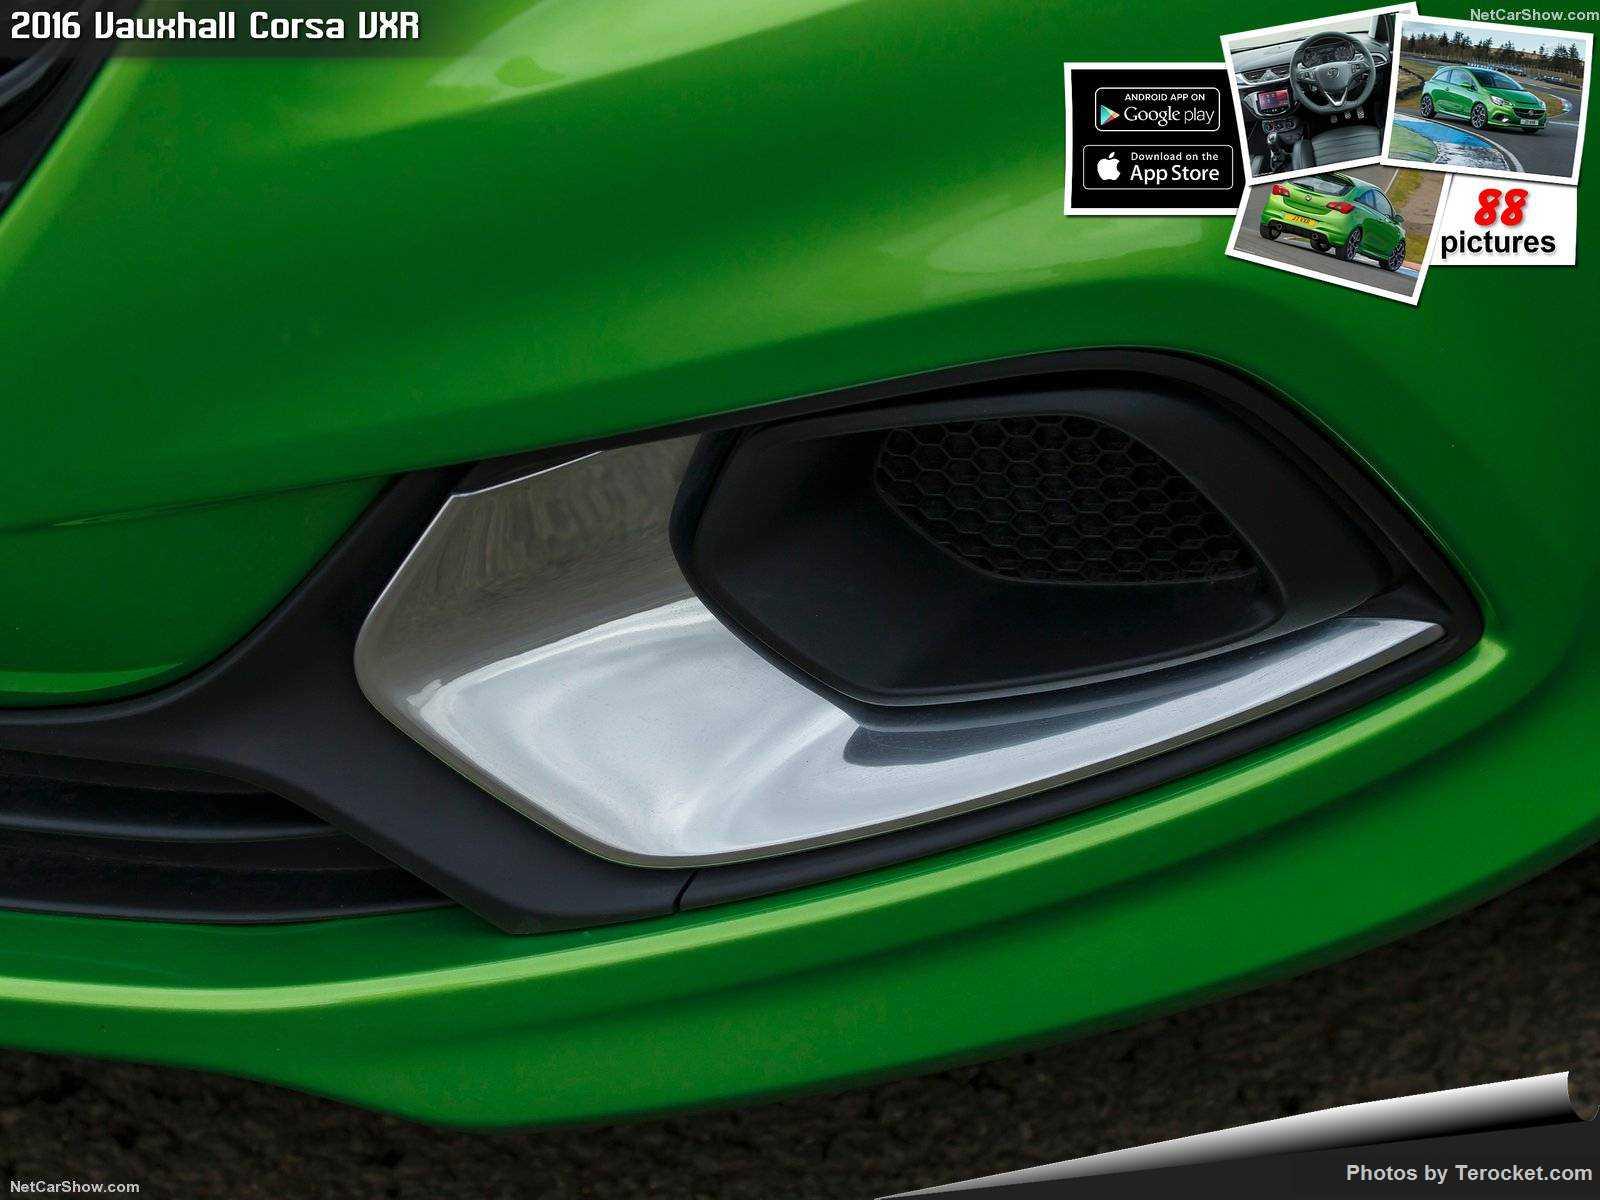 Hình ảnh xe ô tô Vauxhall Corsa VXR 2016 & nội ngoại thất